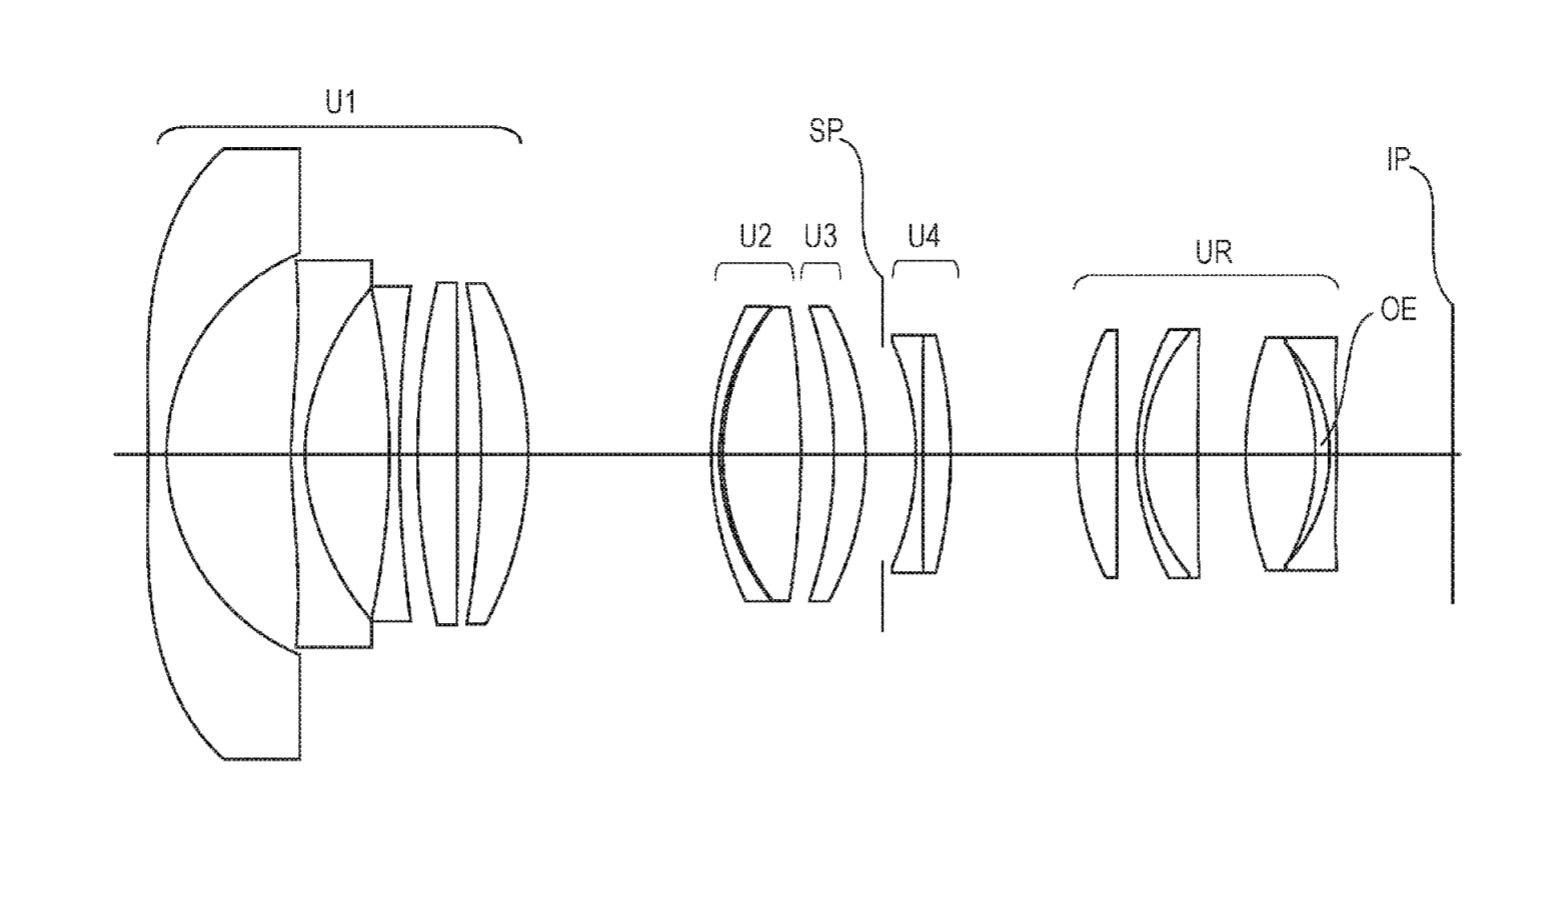 Patents: Canon RF 14-21mm f/1.4L, RF 12-20mm f/2L, RF 16